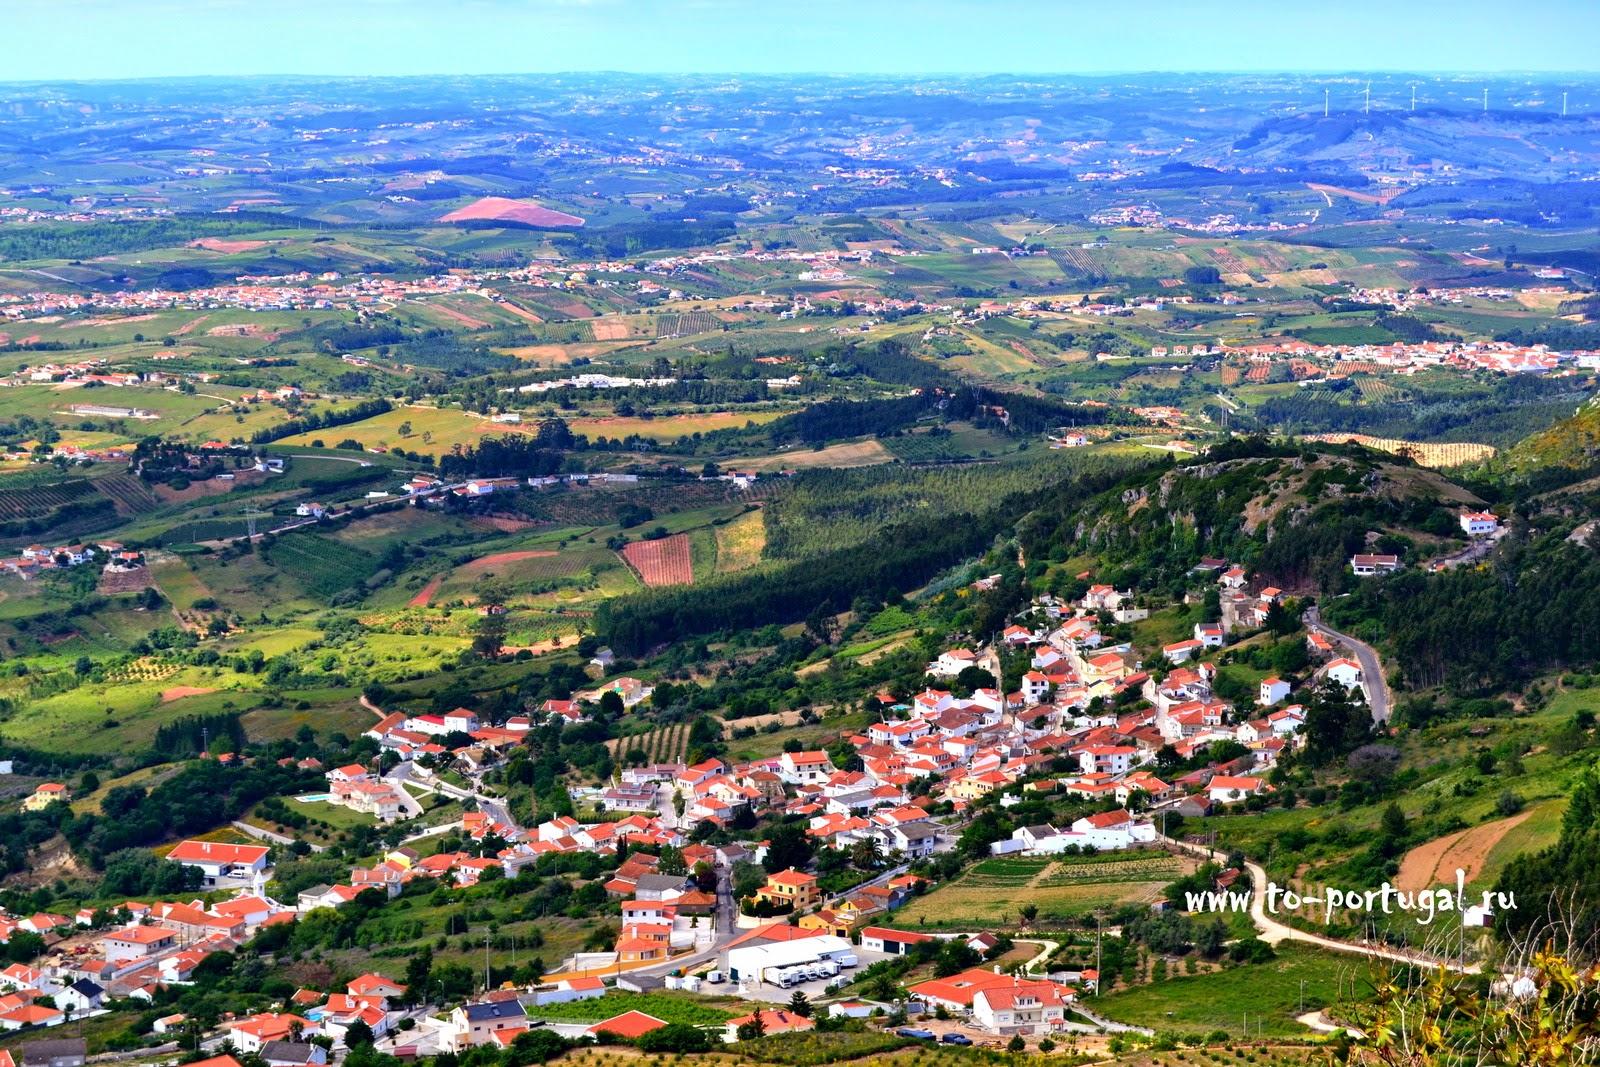 Монтежунту в Португалии